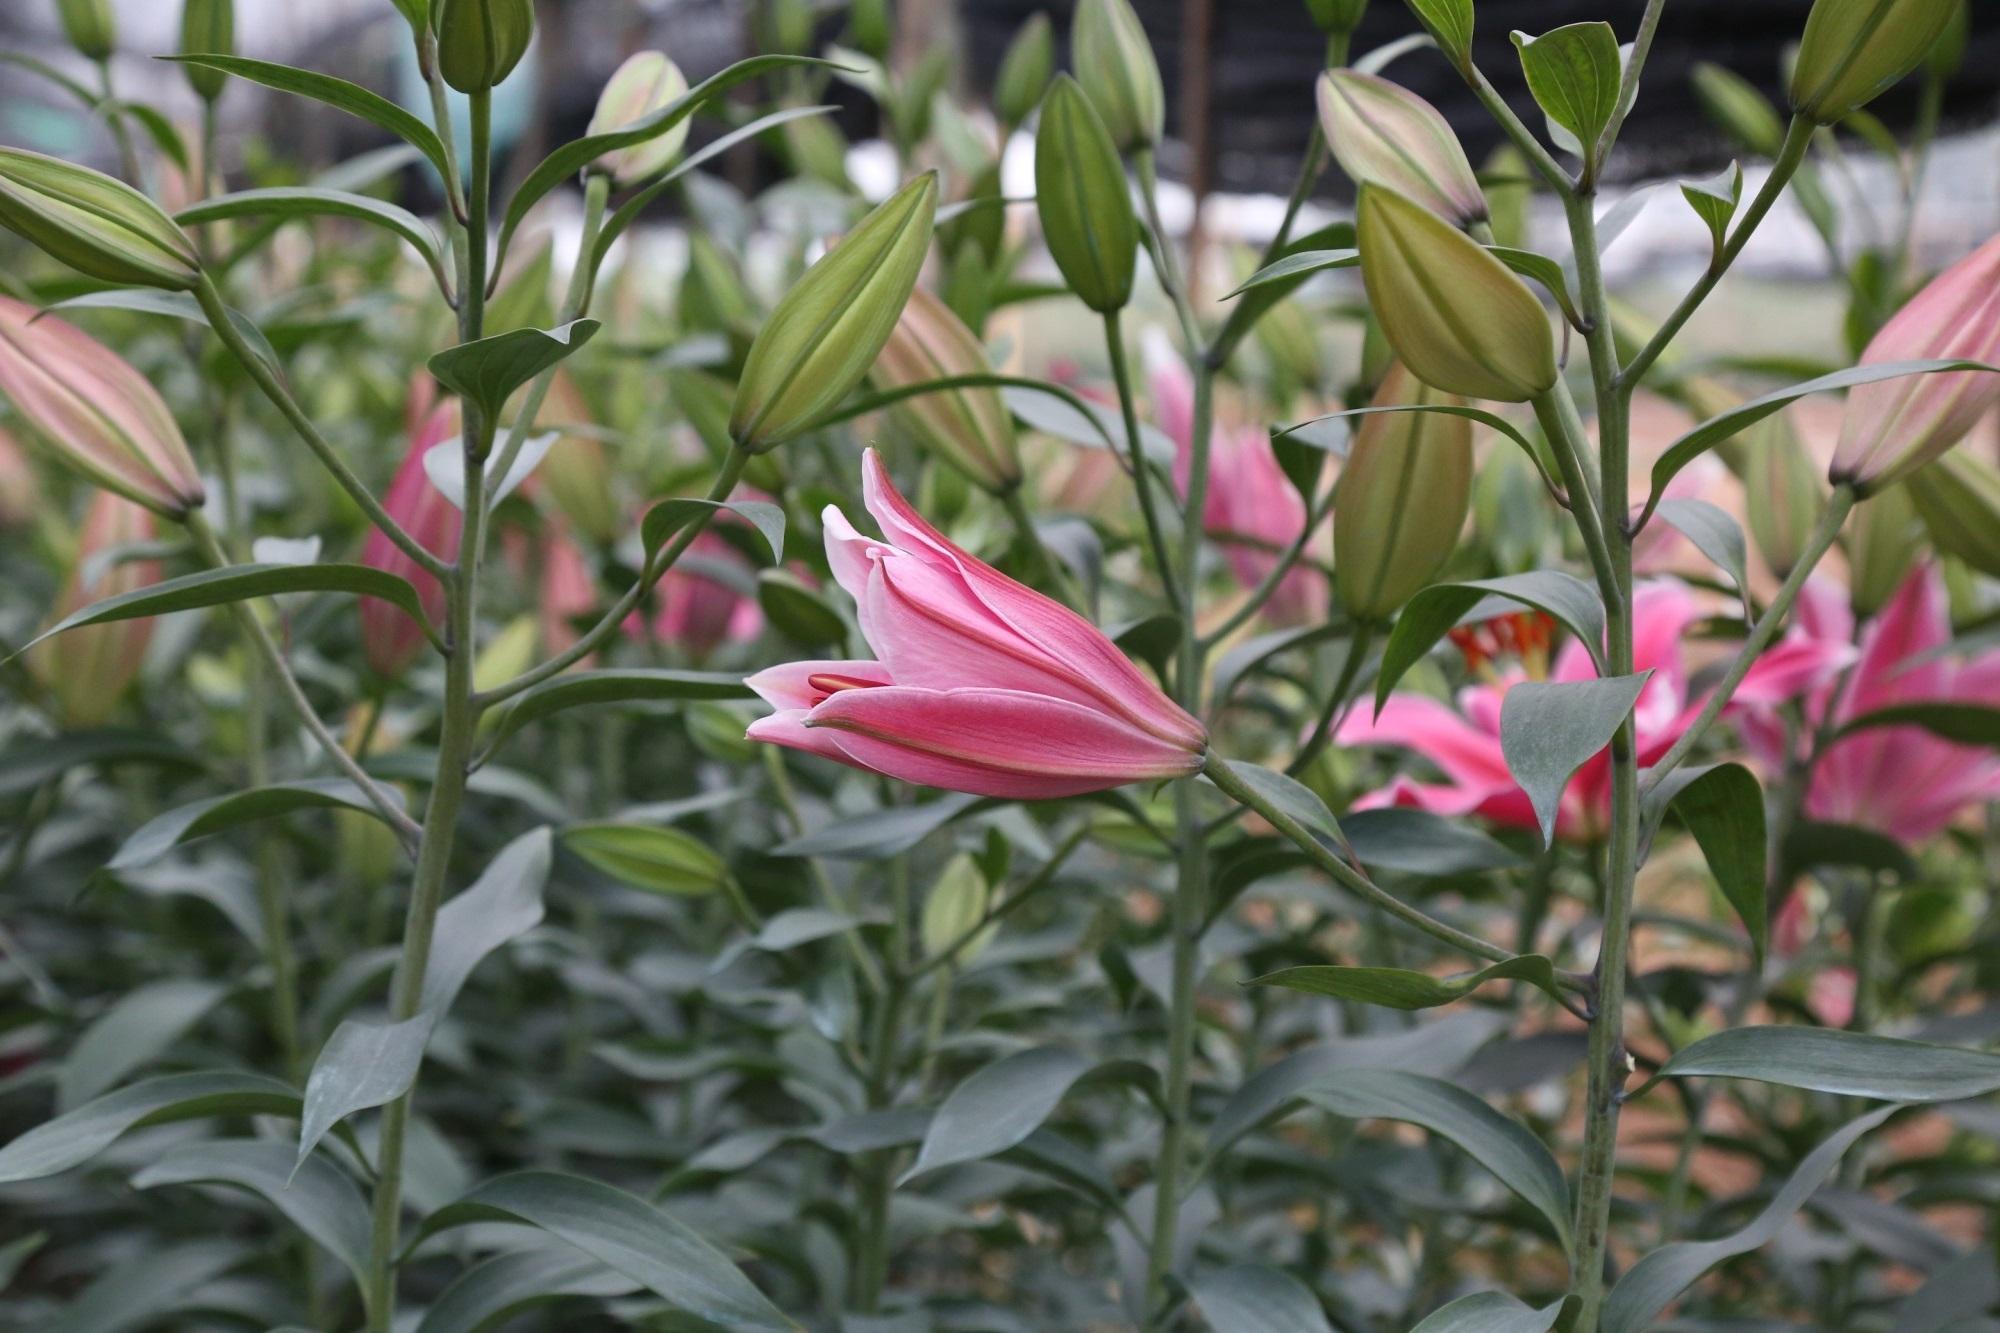 Khi đi chợ hoa nên lưu ý chọn những bông hoa ly nở to, căng và màu sắc tươi tắn